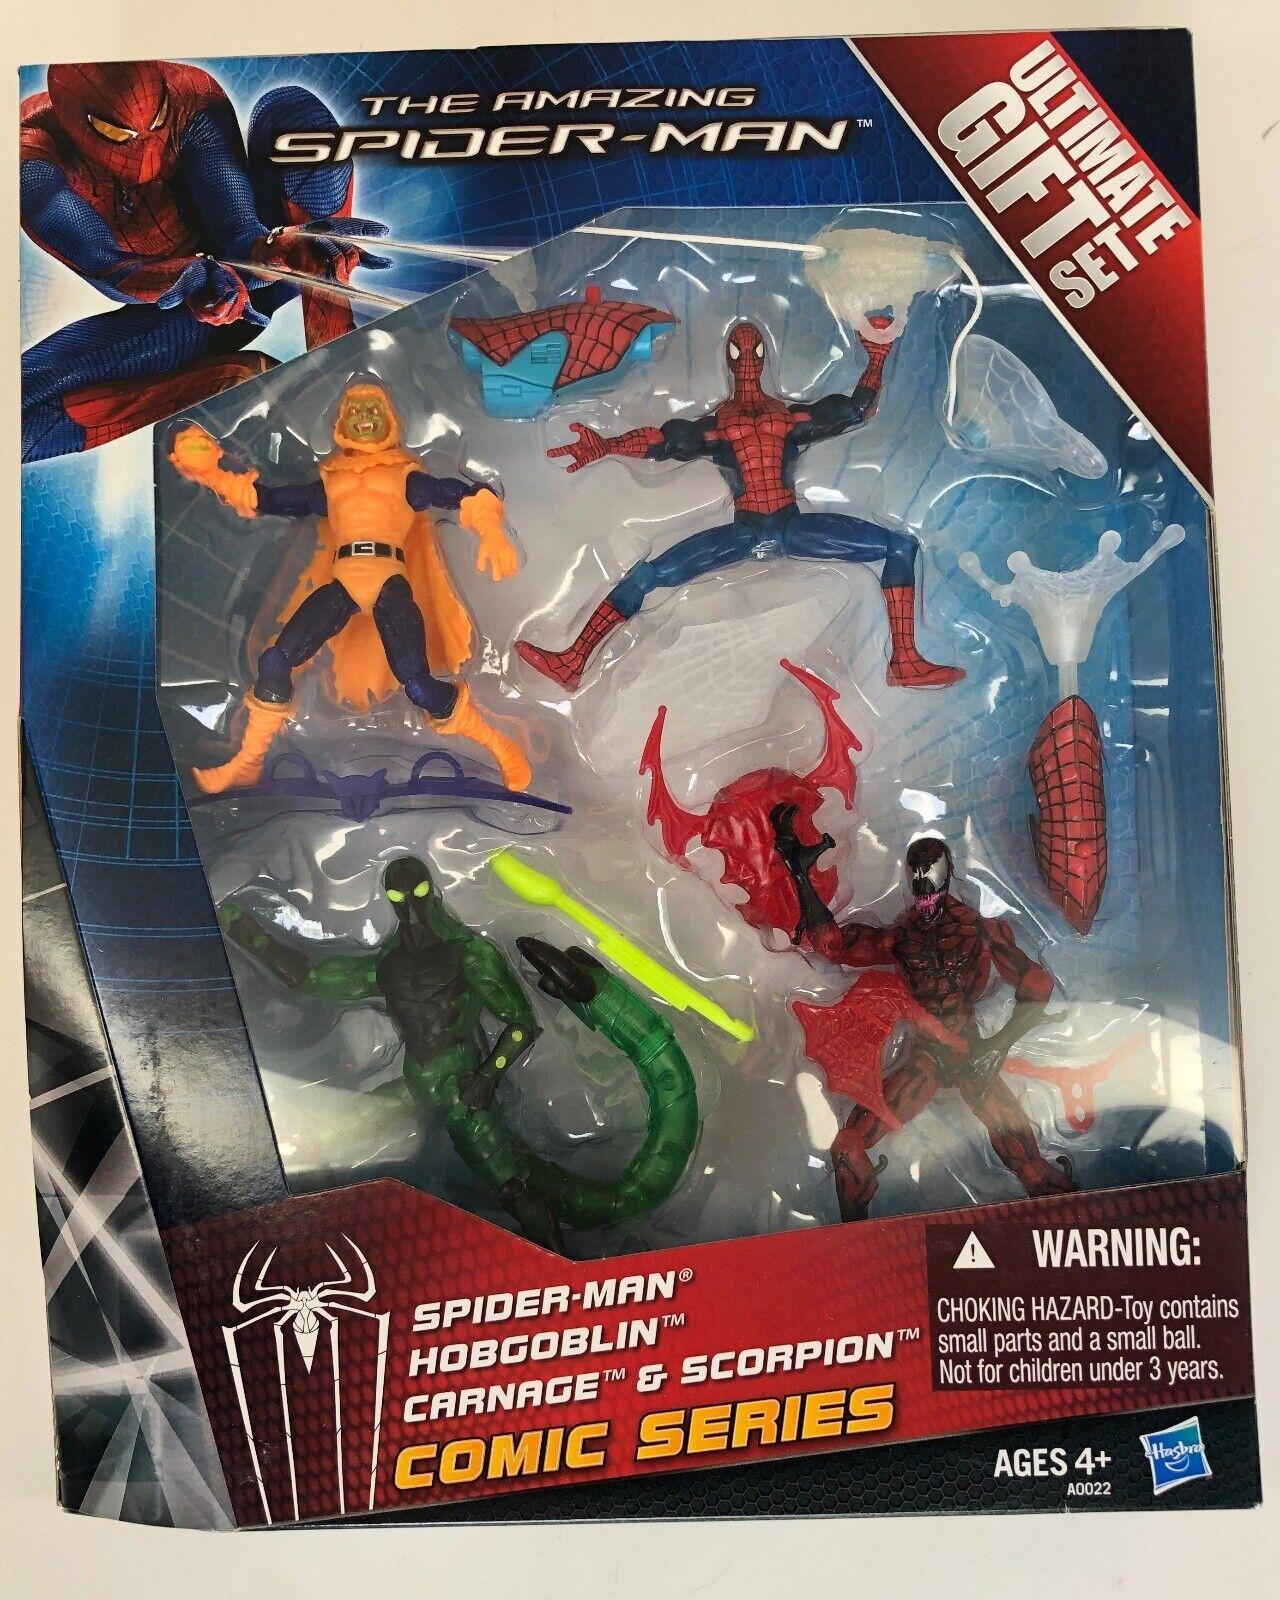 Marvel UNIVERSO 3.75 Amazing Spideruomo Ultimate Set Hobgoblin autoneficina SCORPION